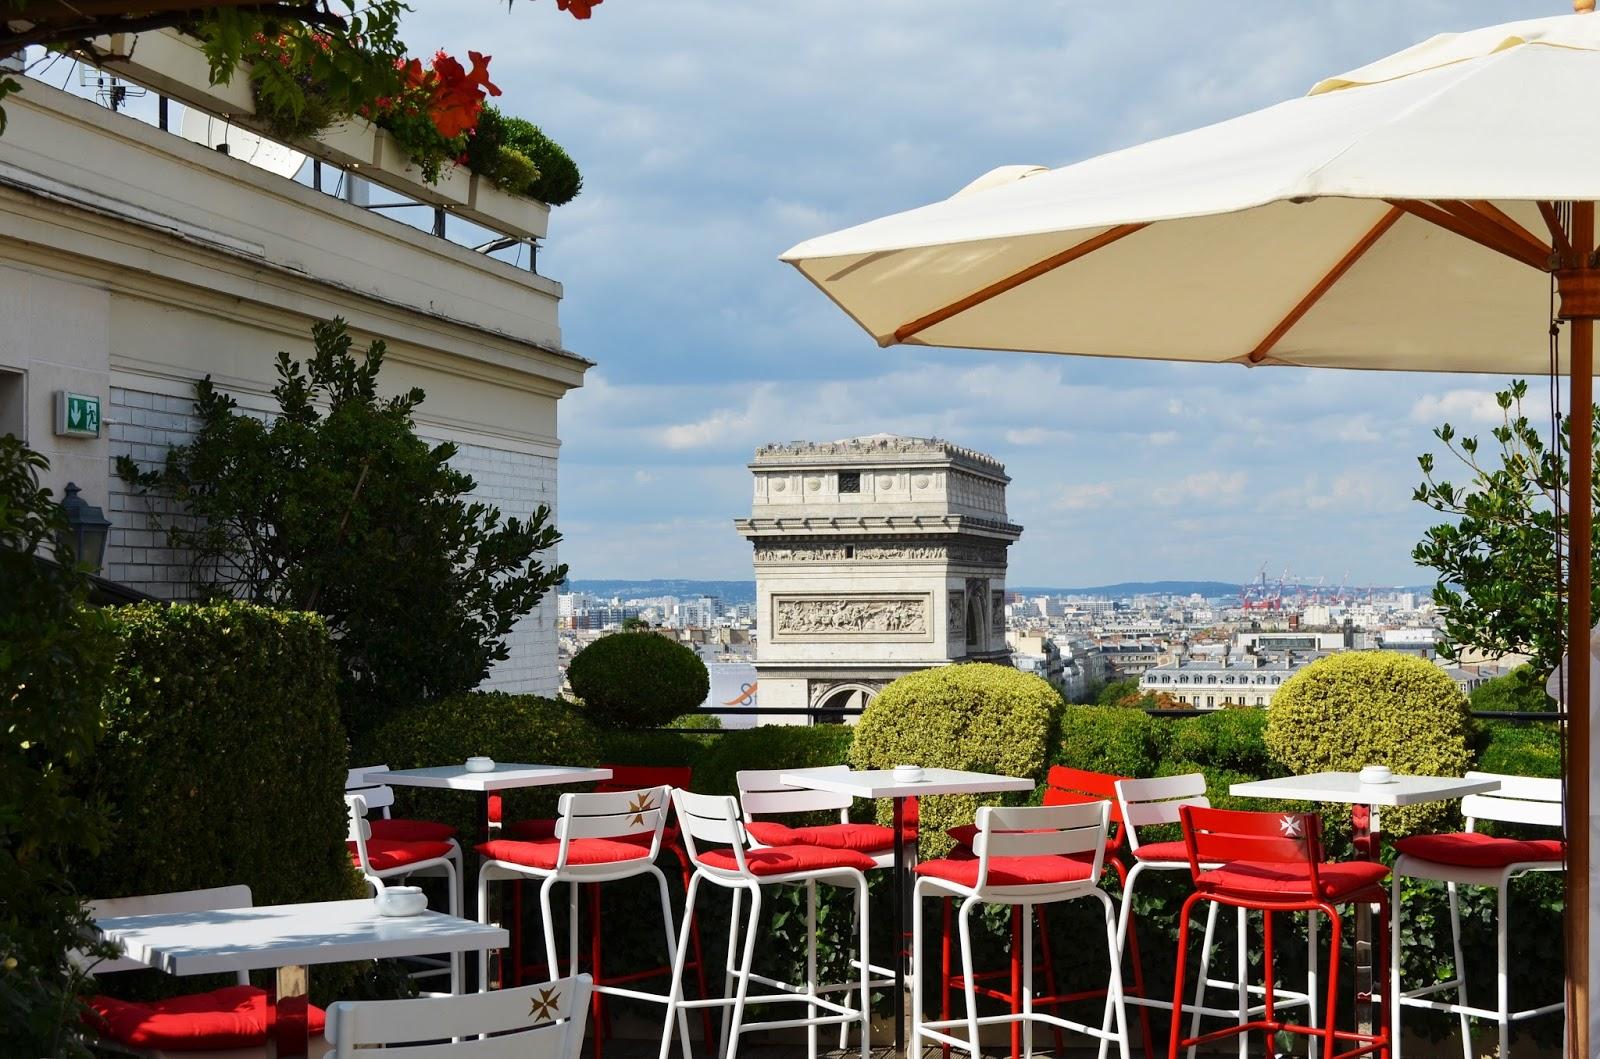 Les plus belles terrasses estivales de paris parisian touch - Les plus belles terrasses ...